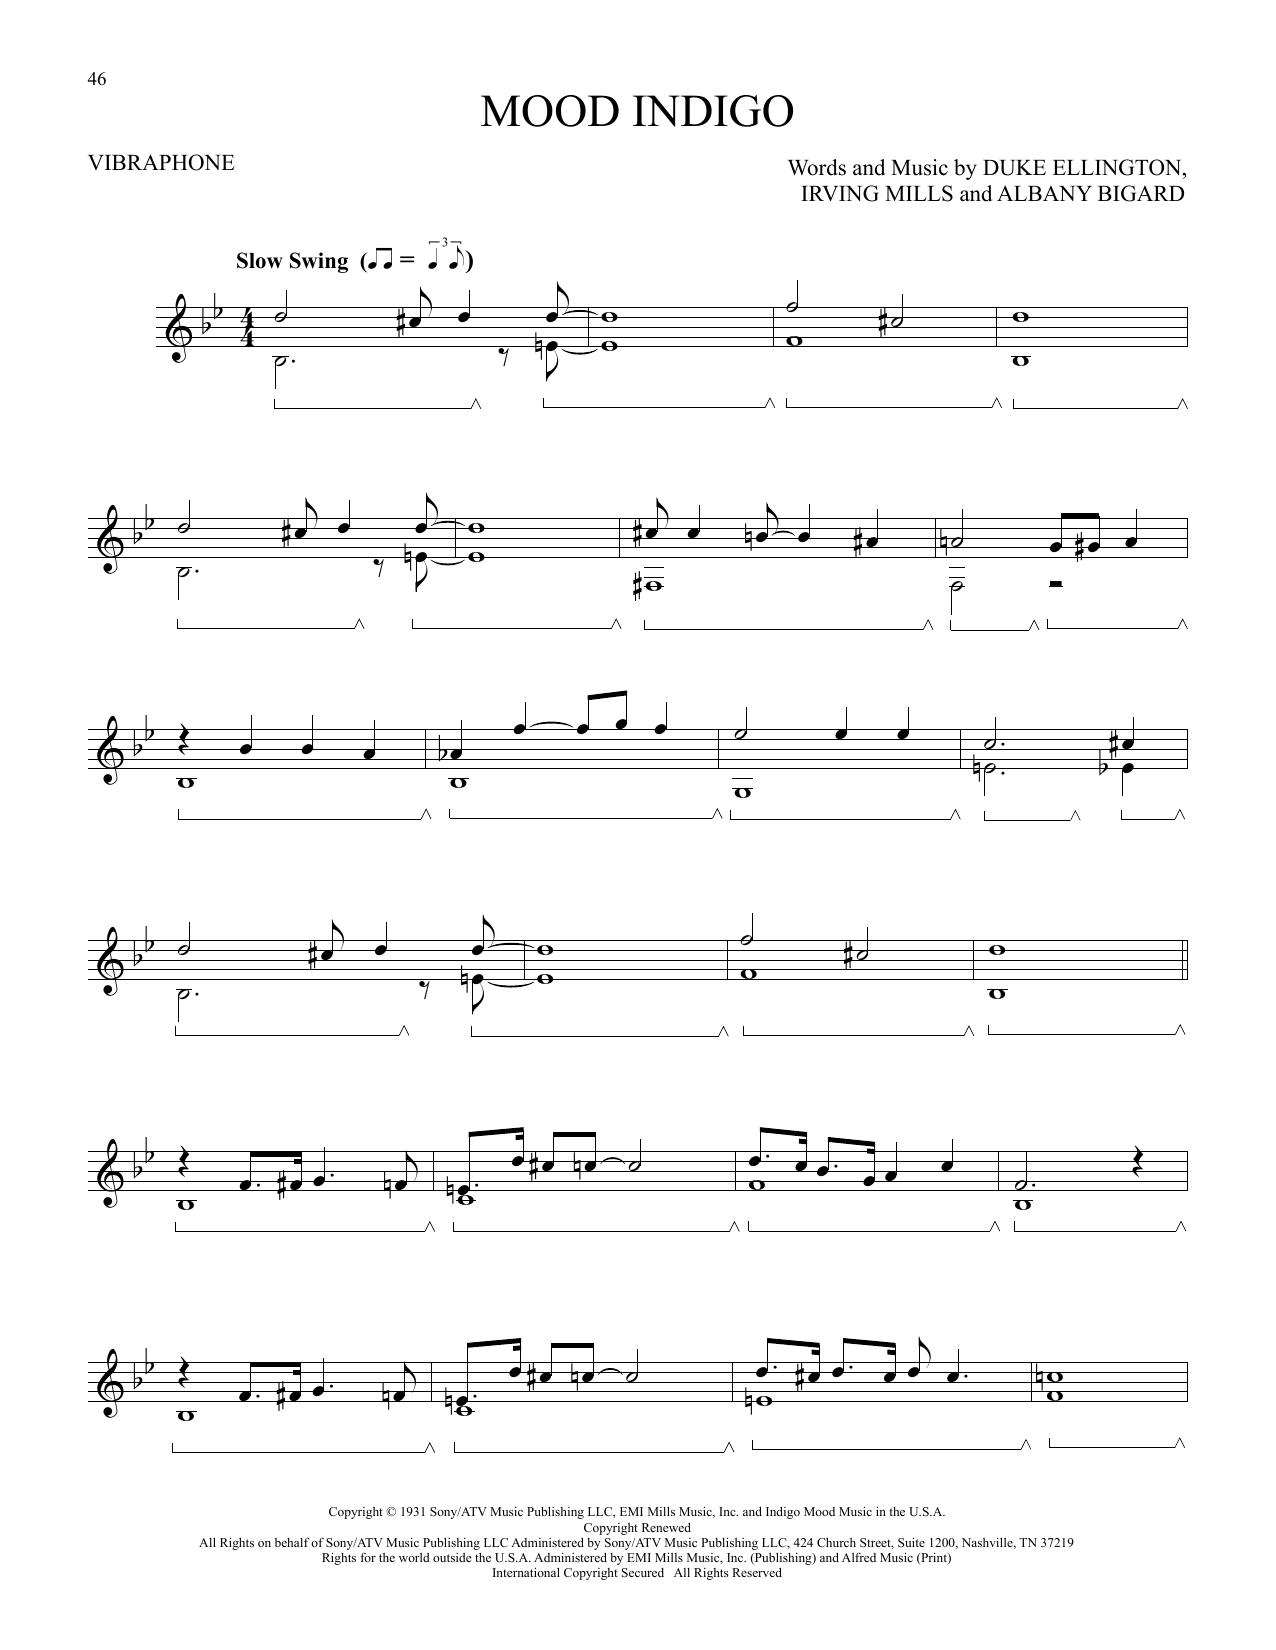 Mood Indigo (Vibraphone Solo)